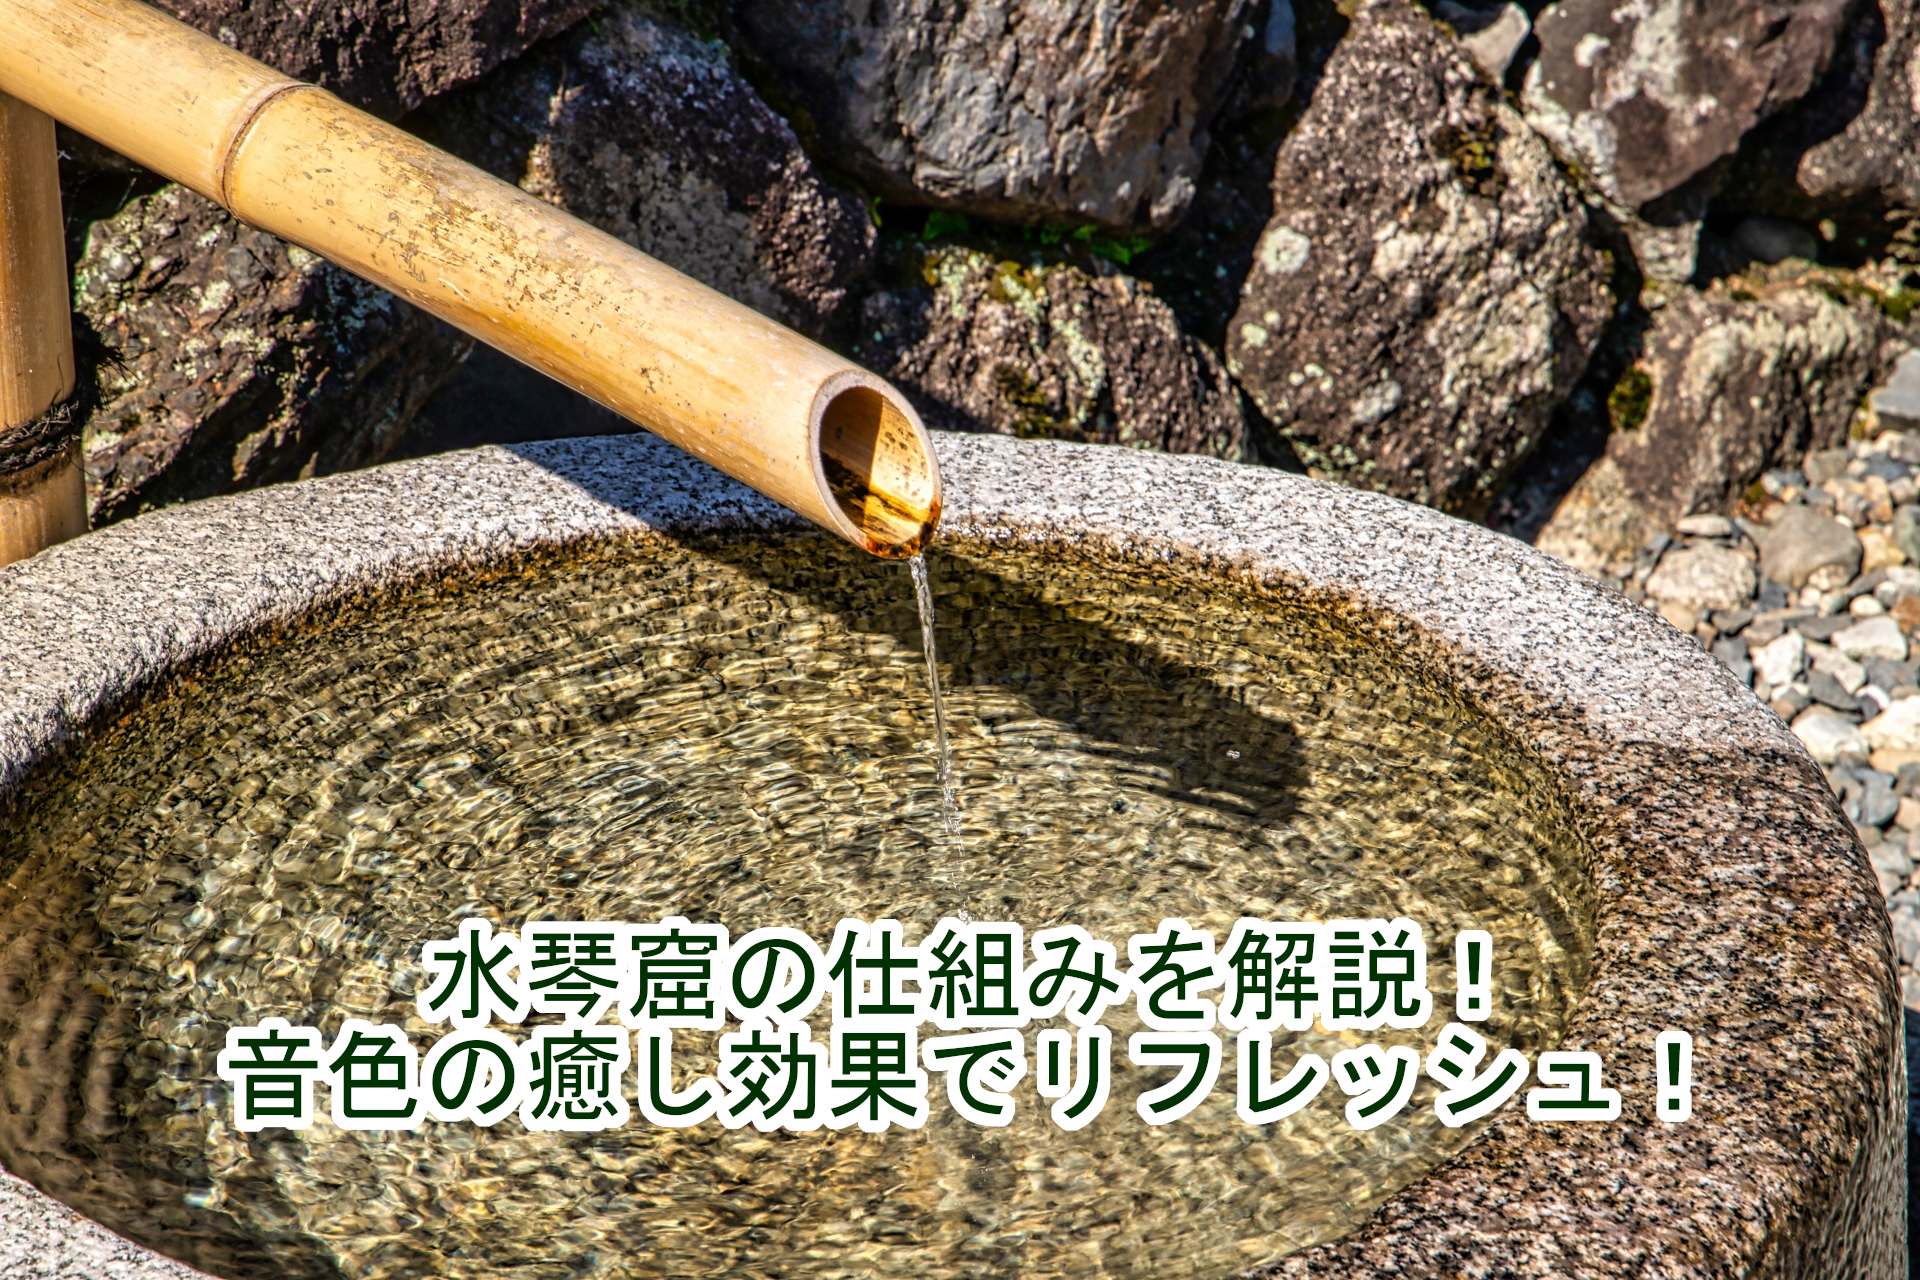 清水寺の水琴窟